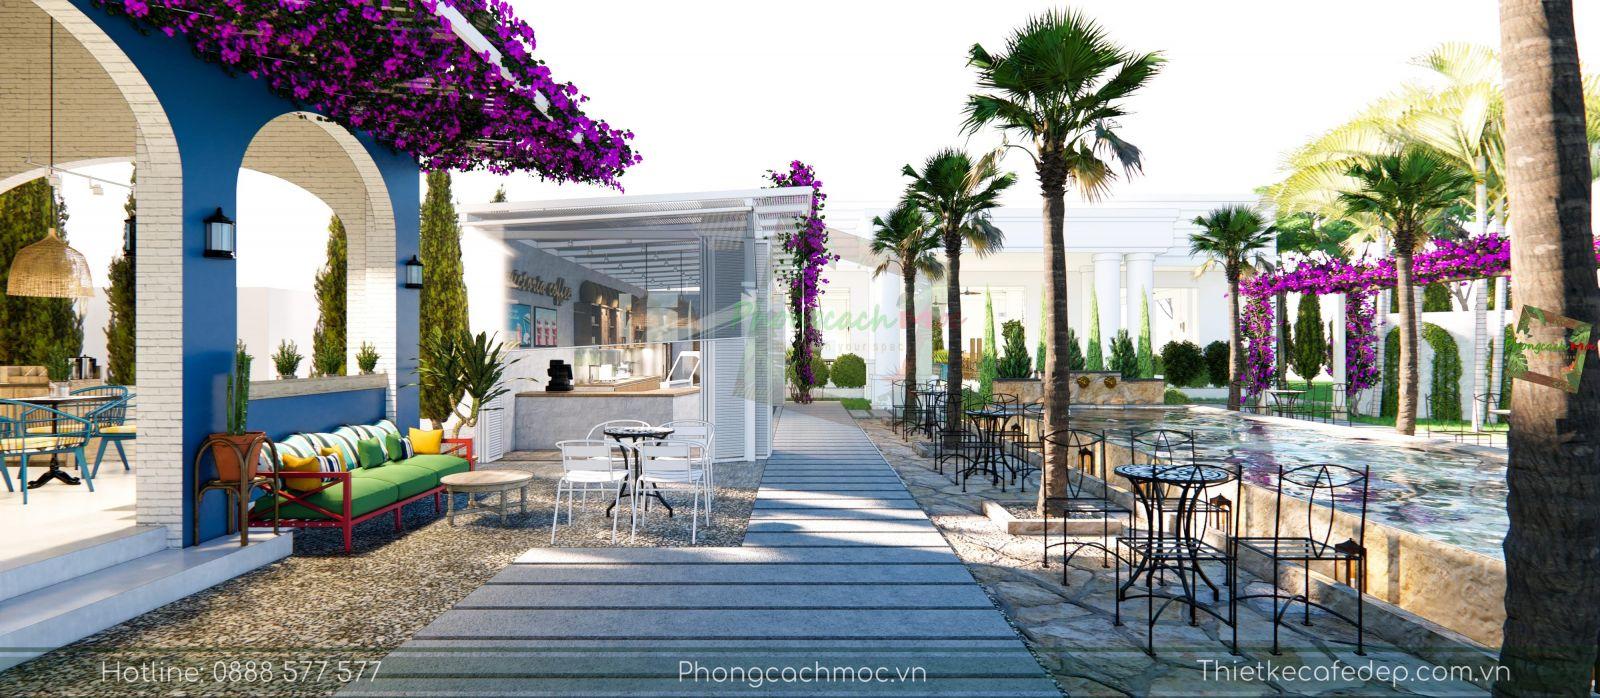 thiết kế không gian sân vườn quán cafe